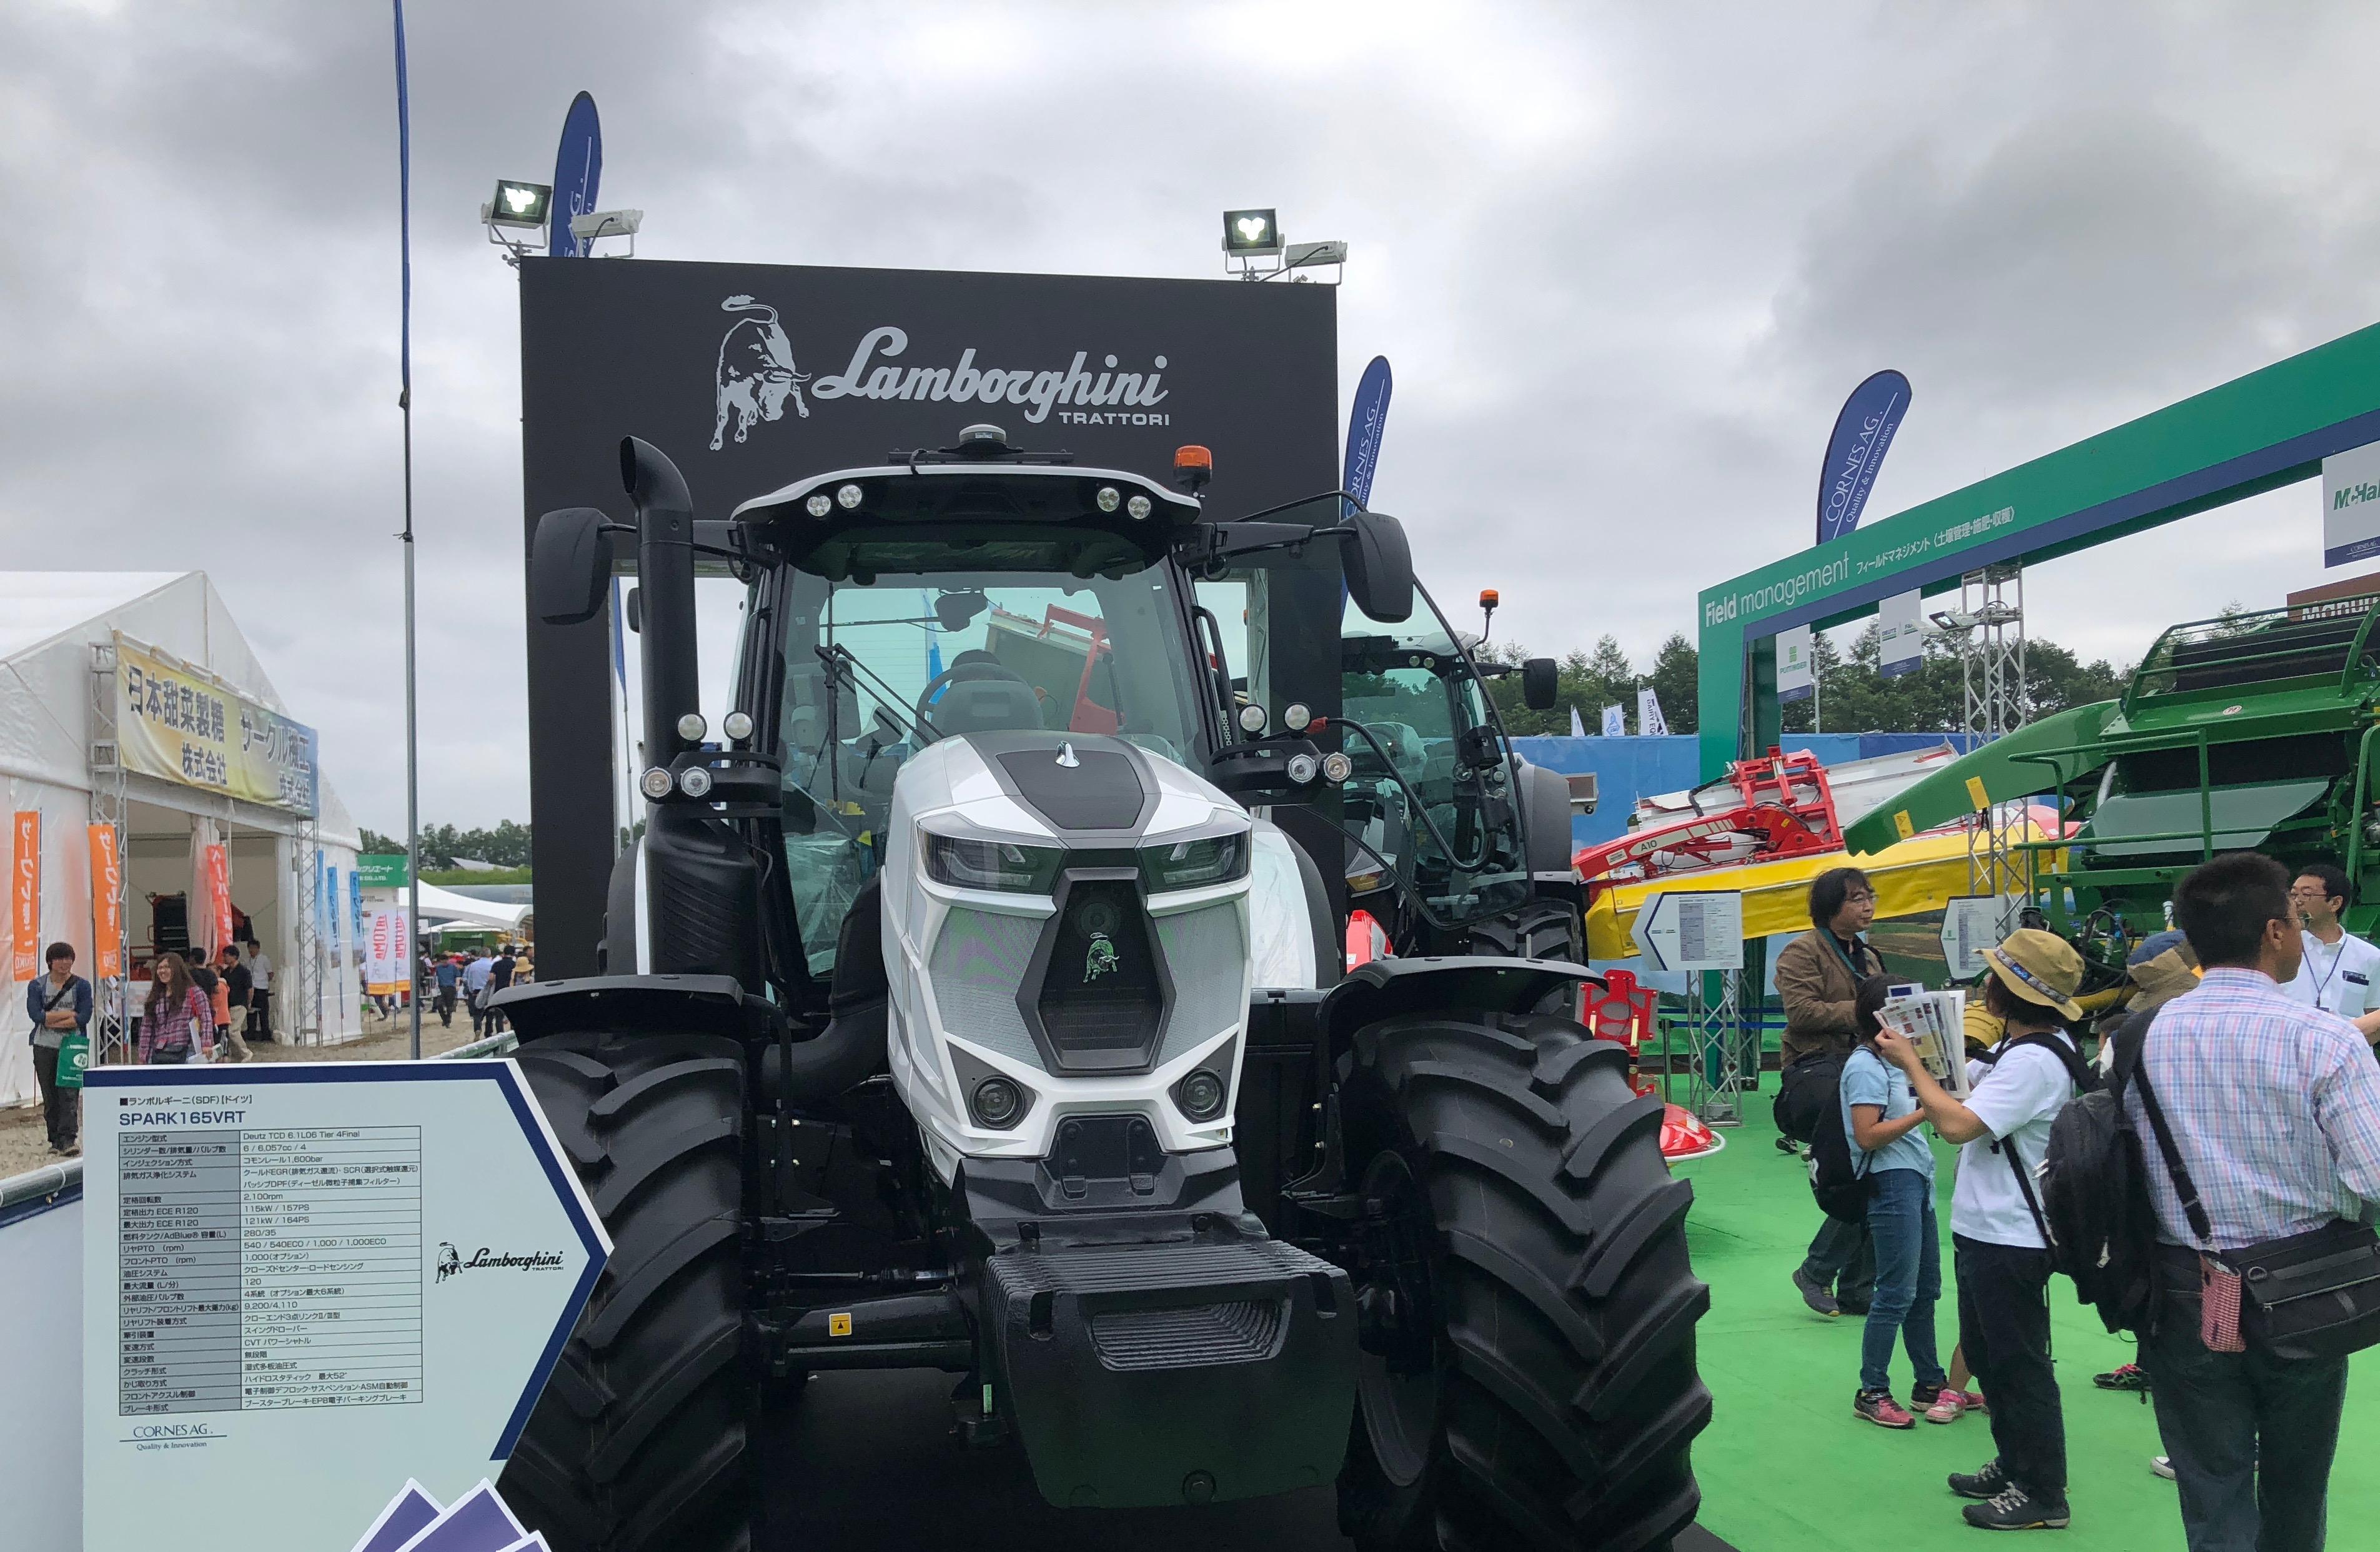 農機展2018は帯広で7月開催!ランボルギーニのトラクターも参戦?第34回国際農業機械展